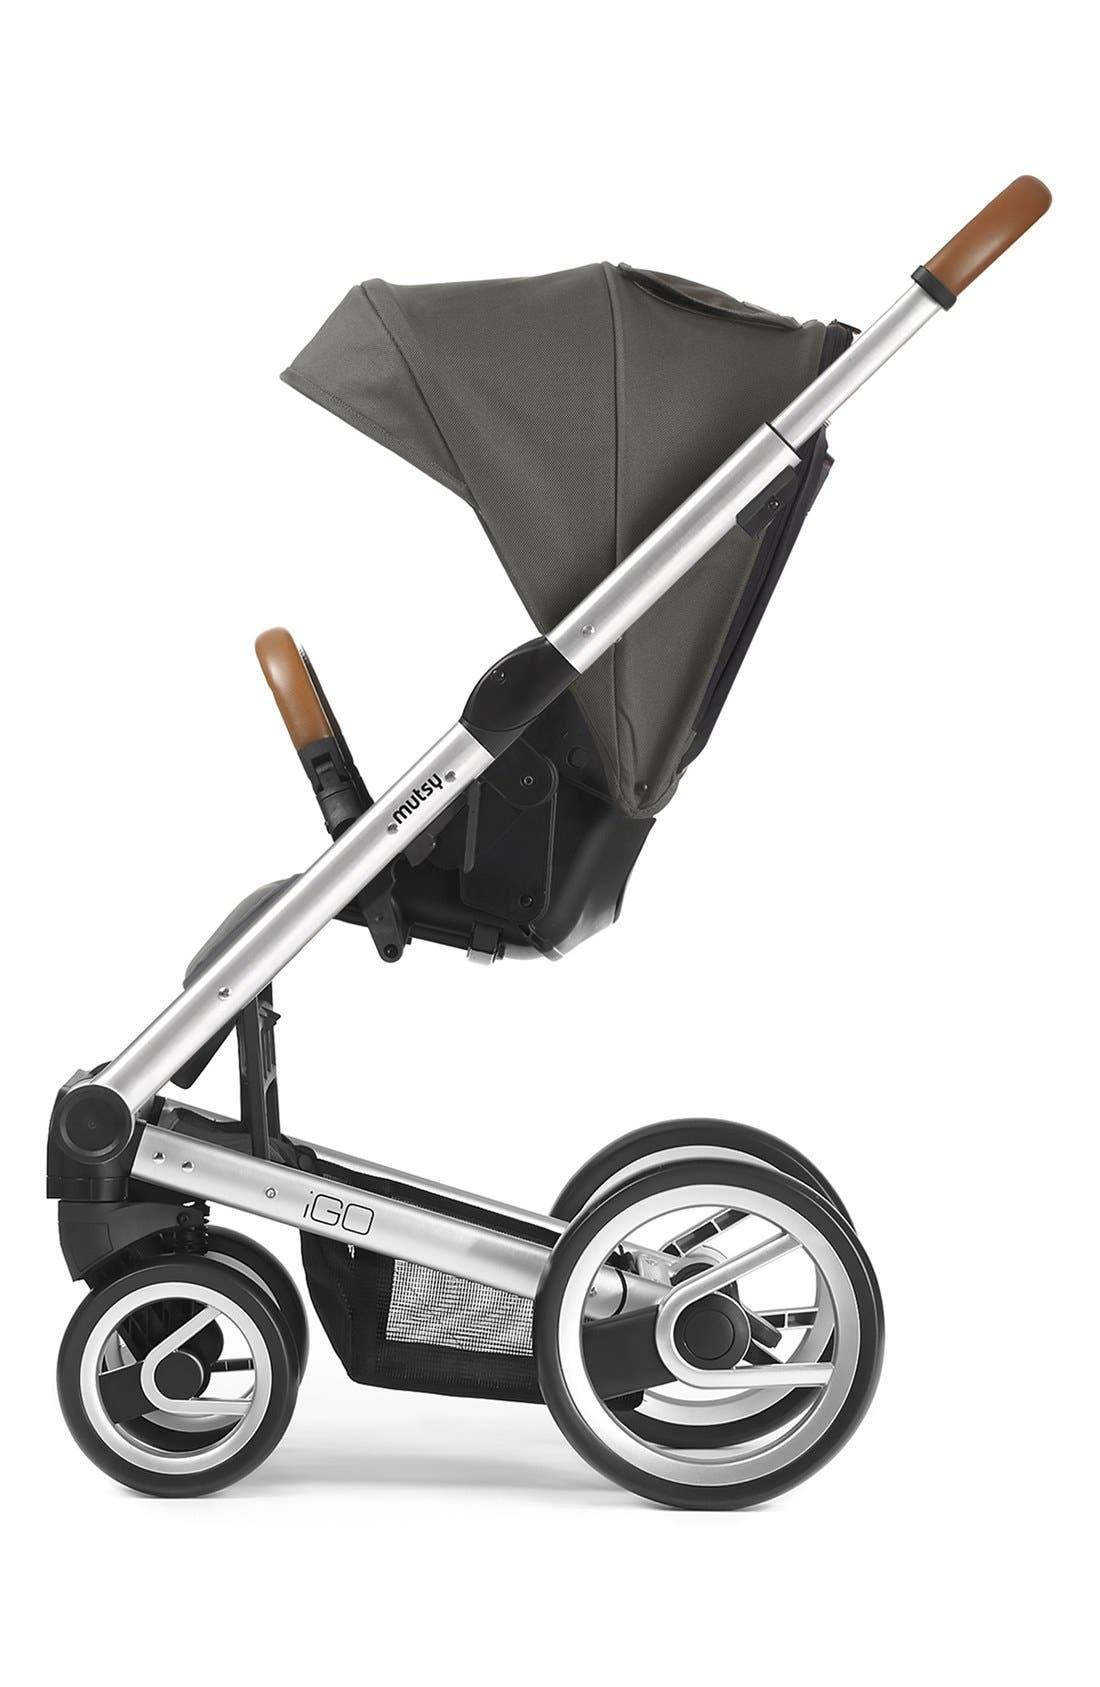 Igo - Urban Nomad Stroller,                             Main thumbnail 1, color,                             020